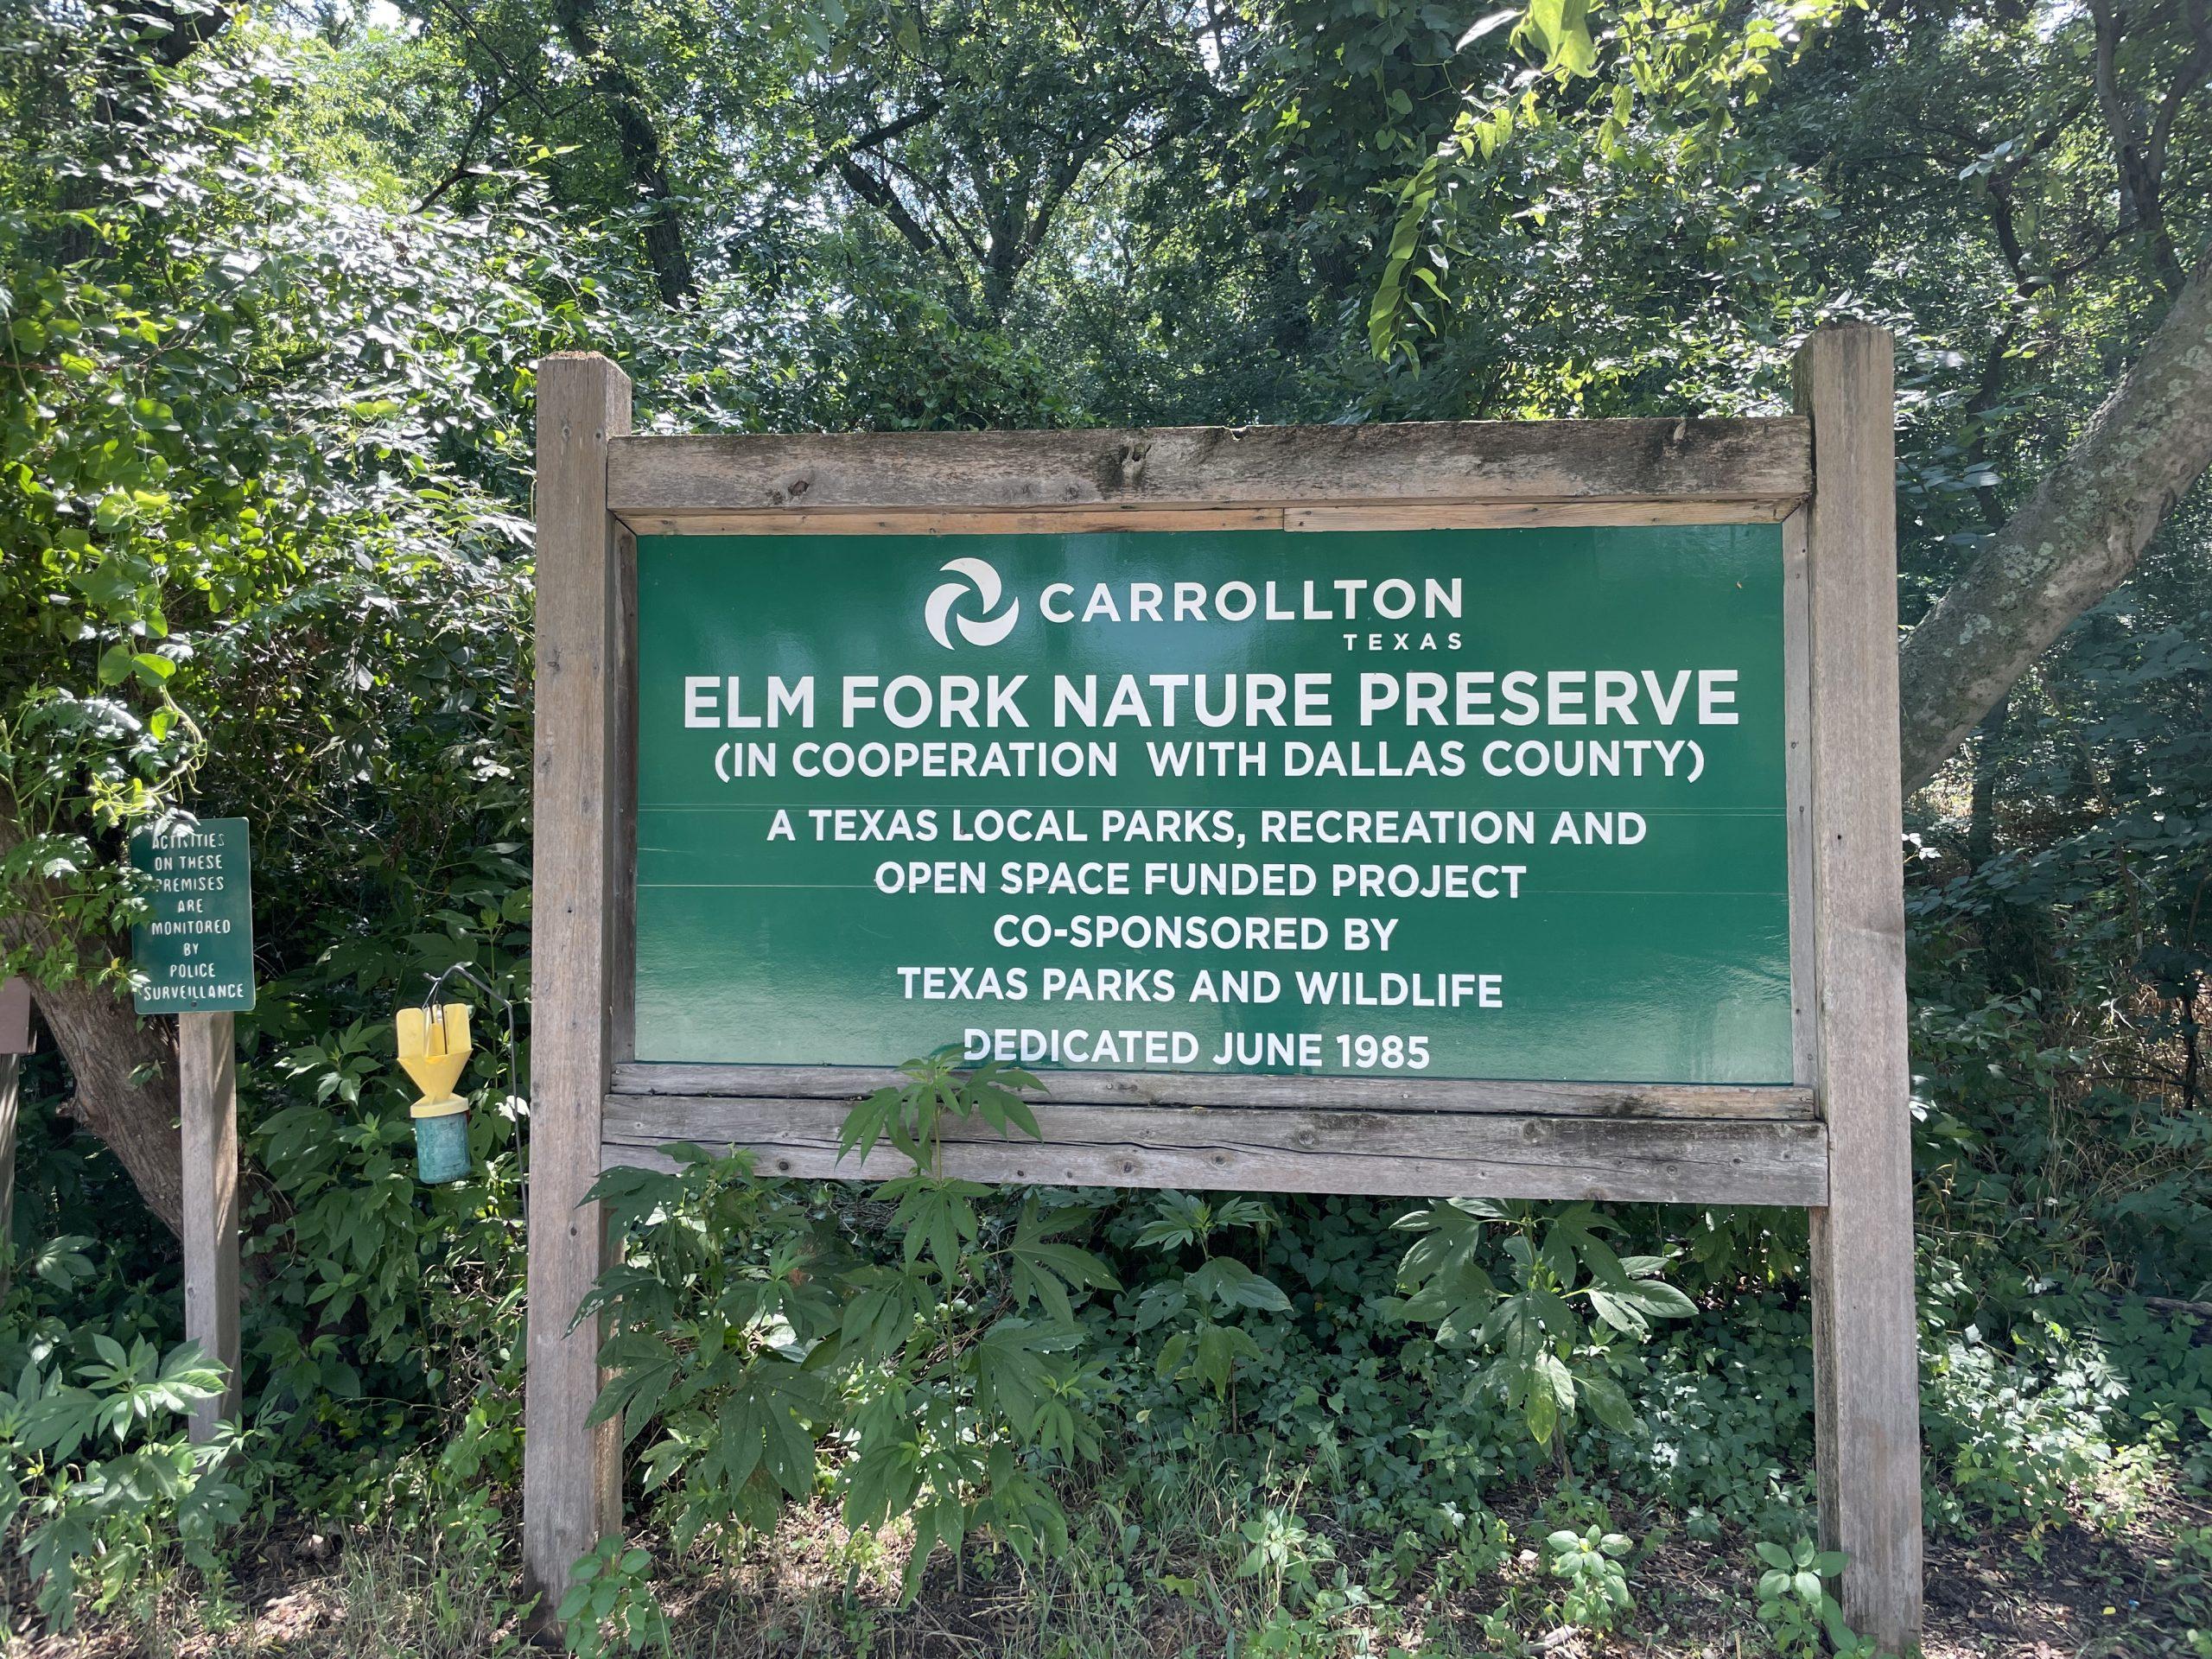 Elm fork nature preserve entrance sign hiking north texas trails